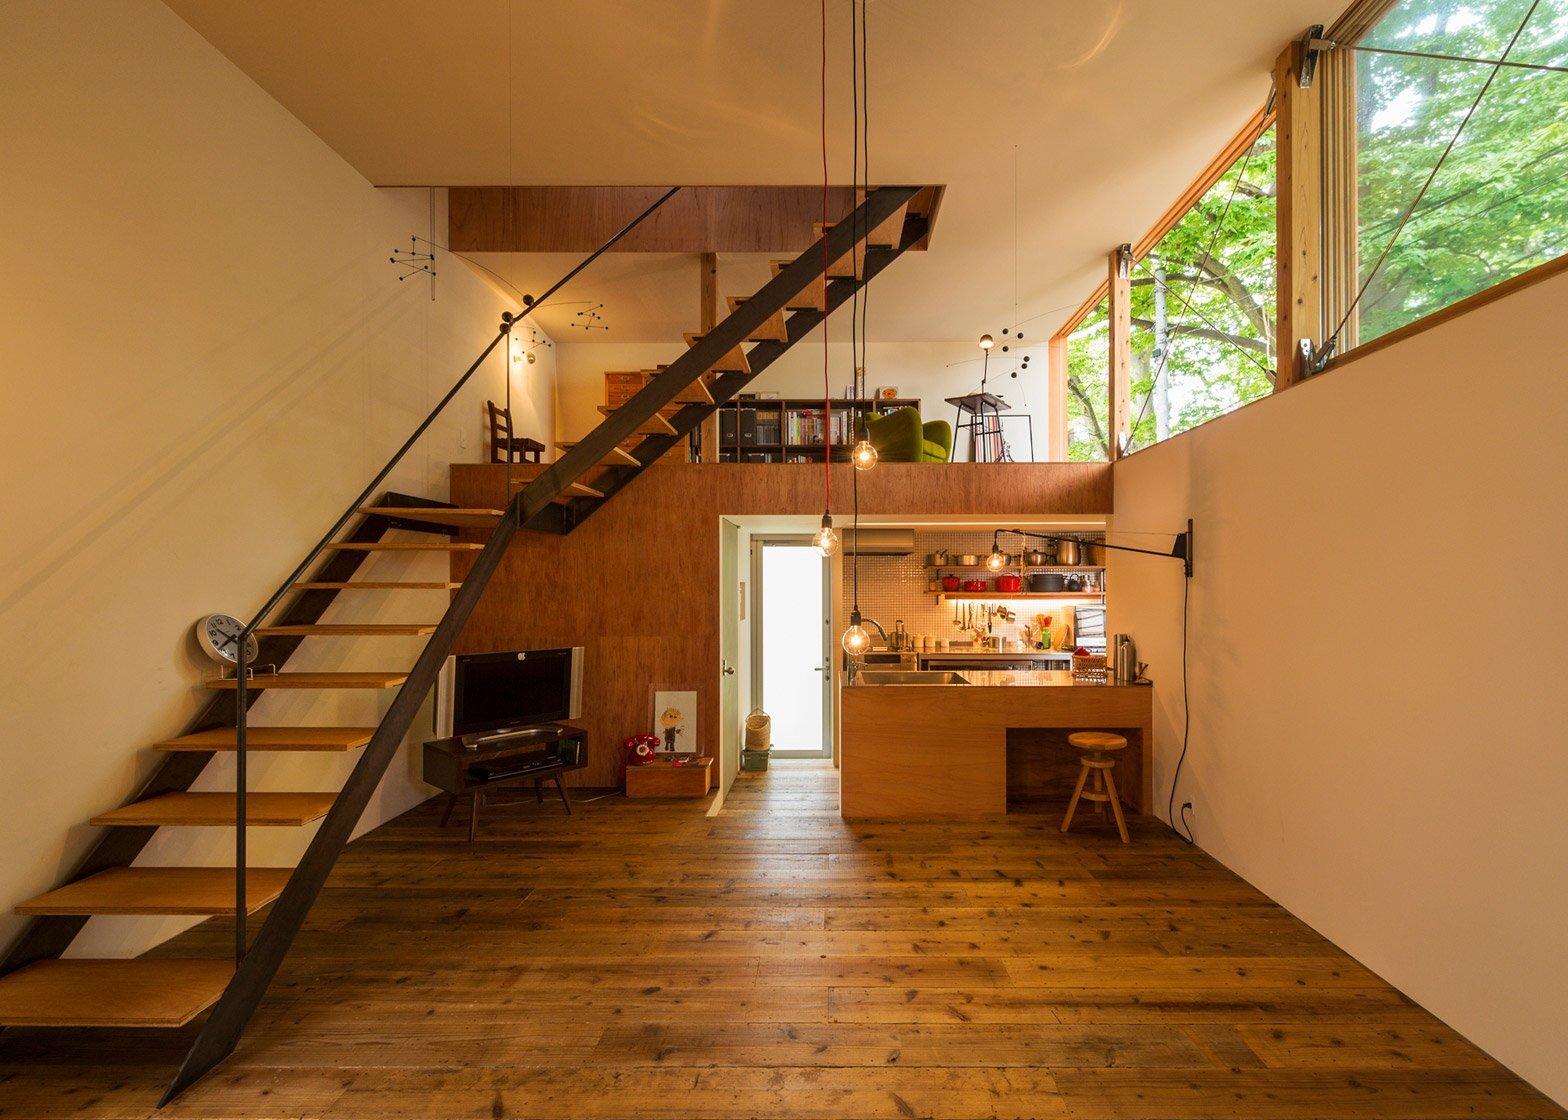 House to Catch a Tree - Takeru Shoji Architects - Japan - Living Area - Humble Homes